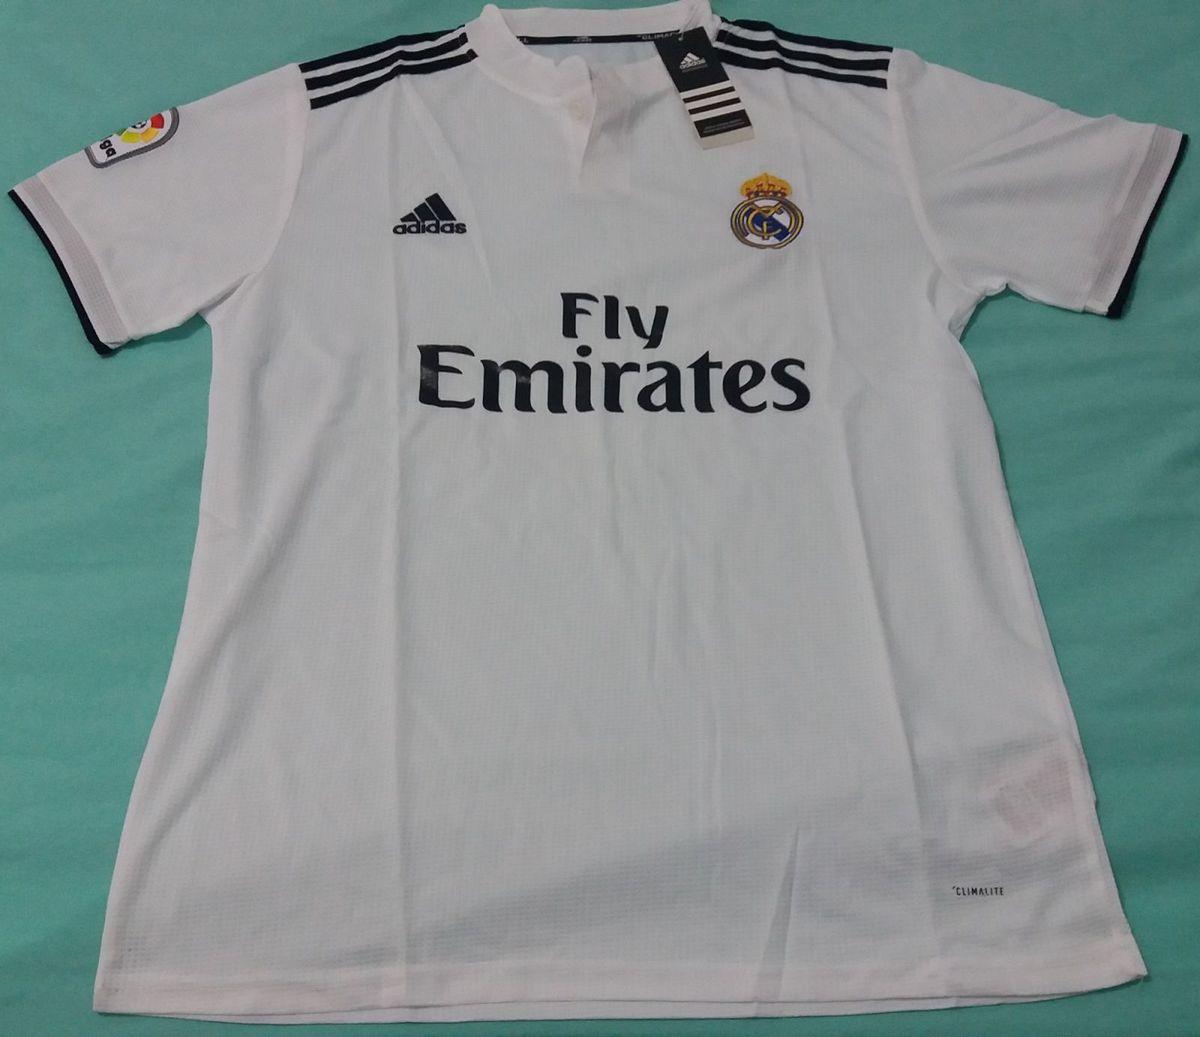 camisa adidas real madrid home 18 19 - lançamento - esportes adidas 1469419c22965